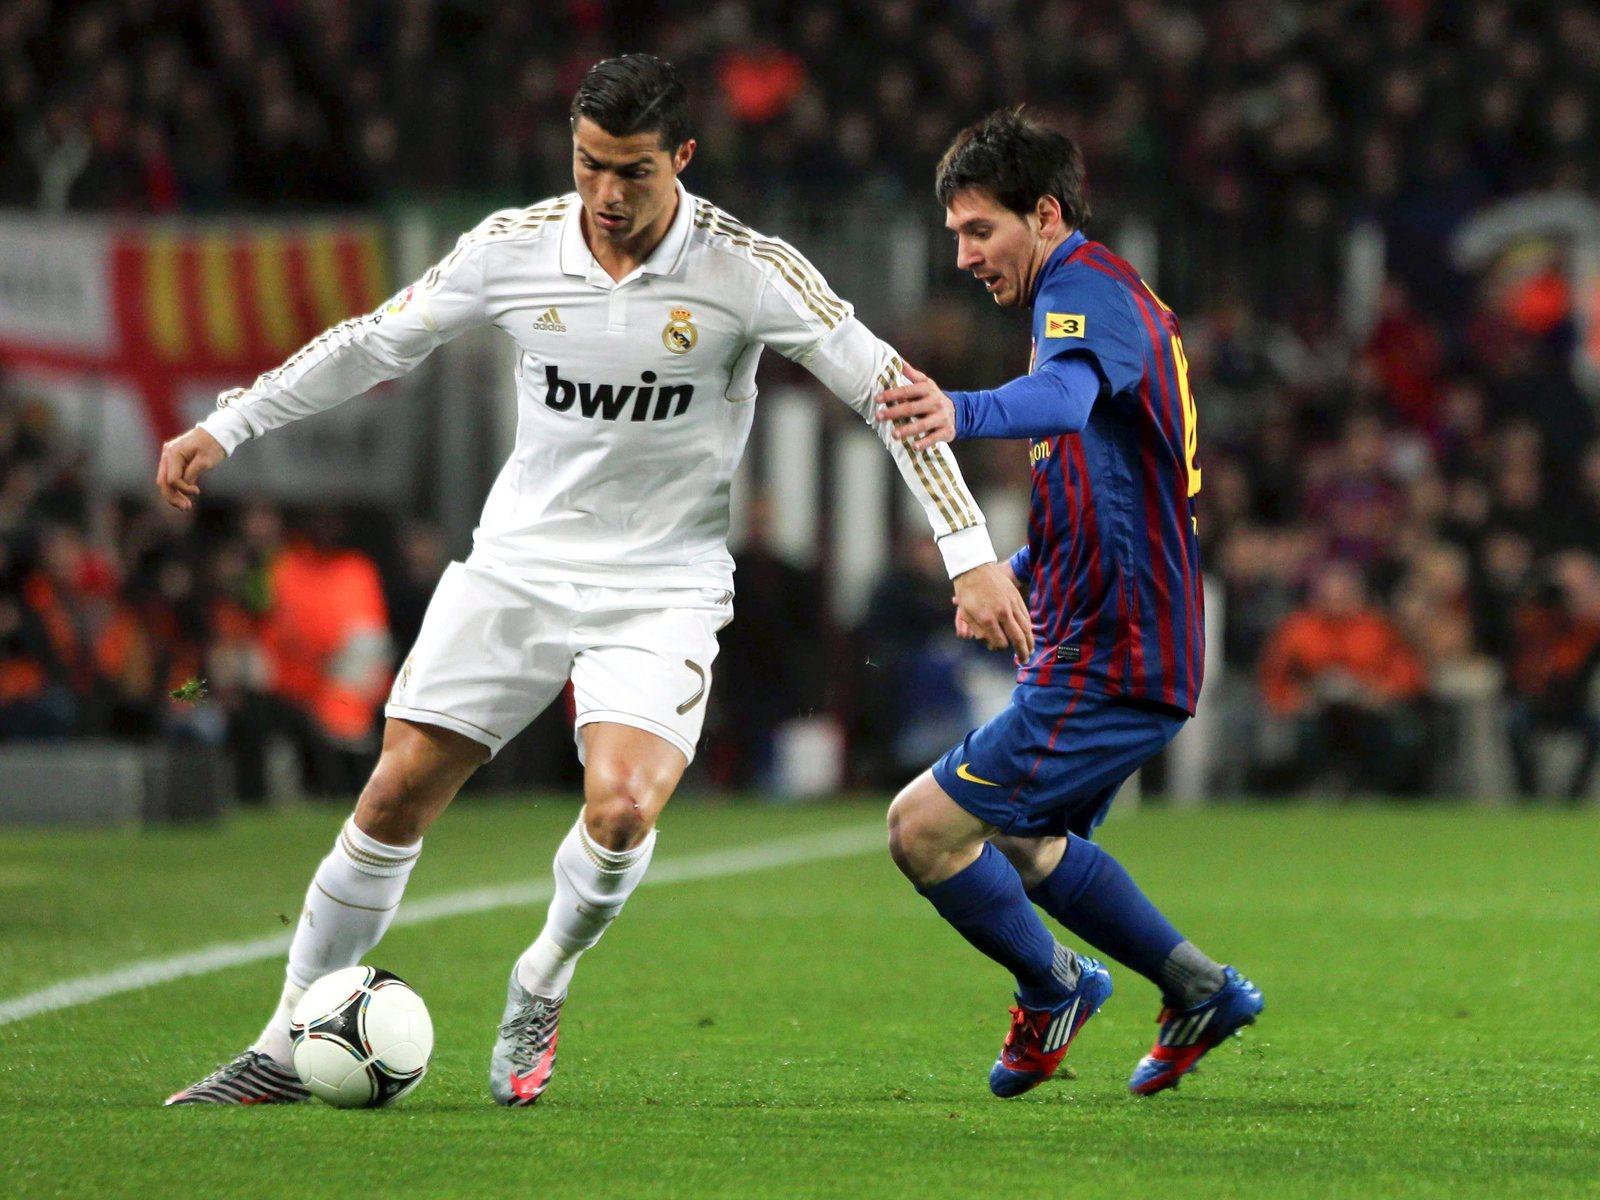 pele,maradona,fifa world cup 2014,fifa,football,soccer,ronaldo,messi